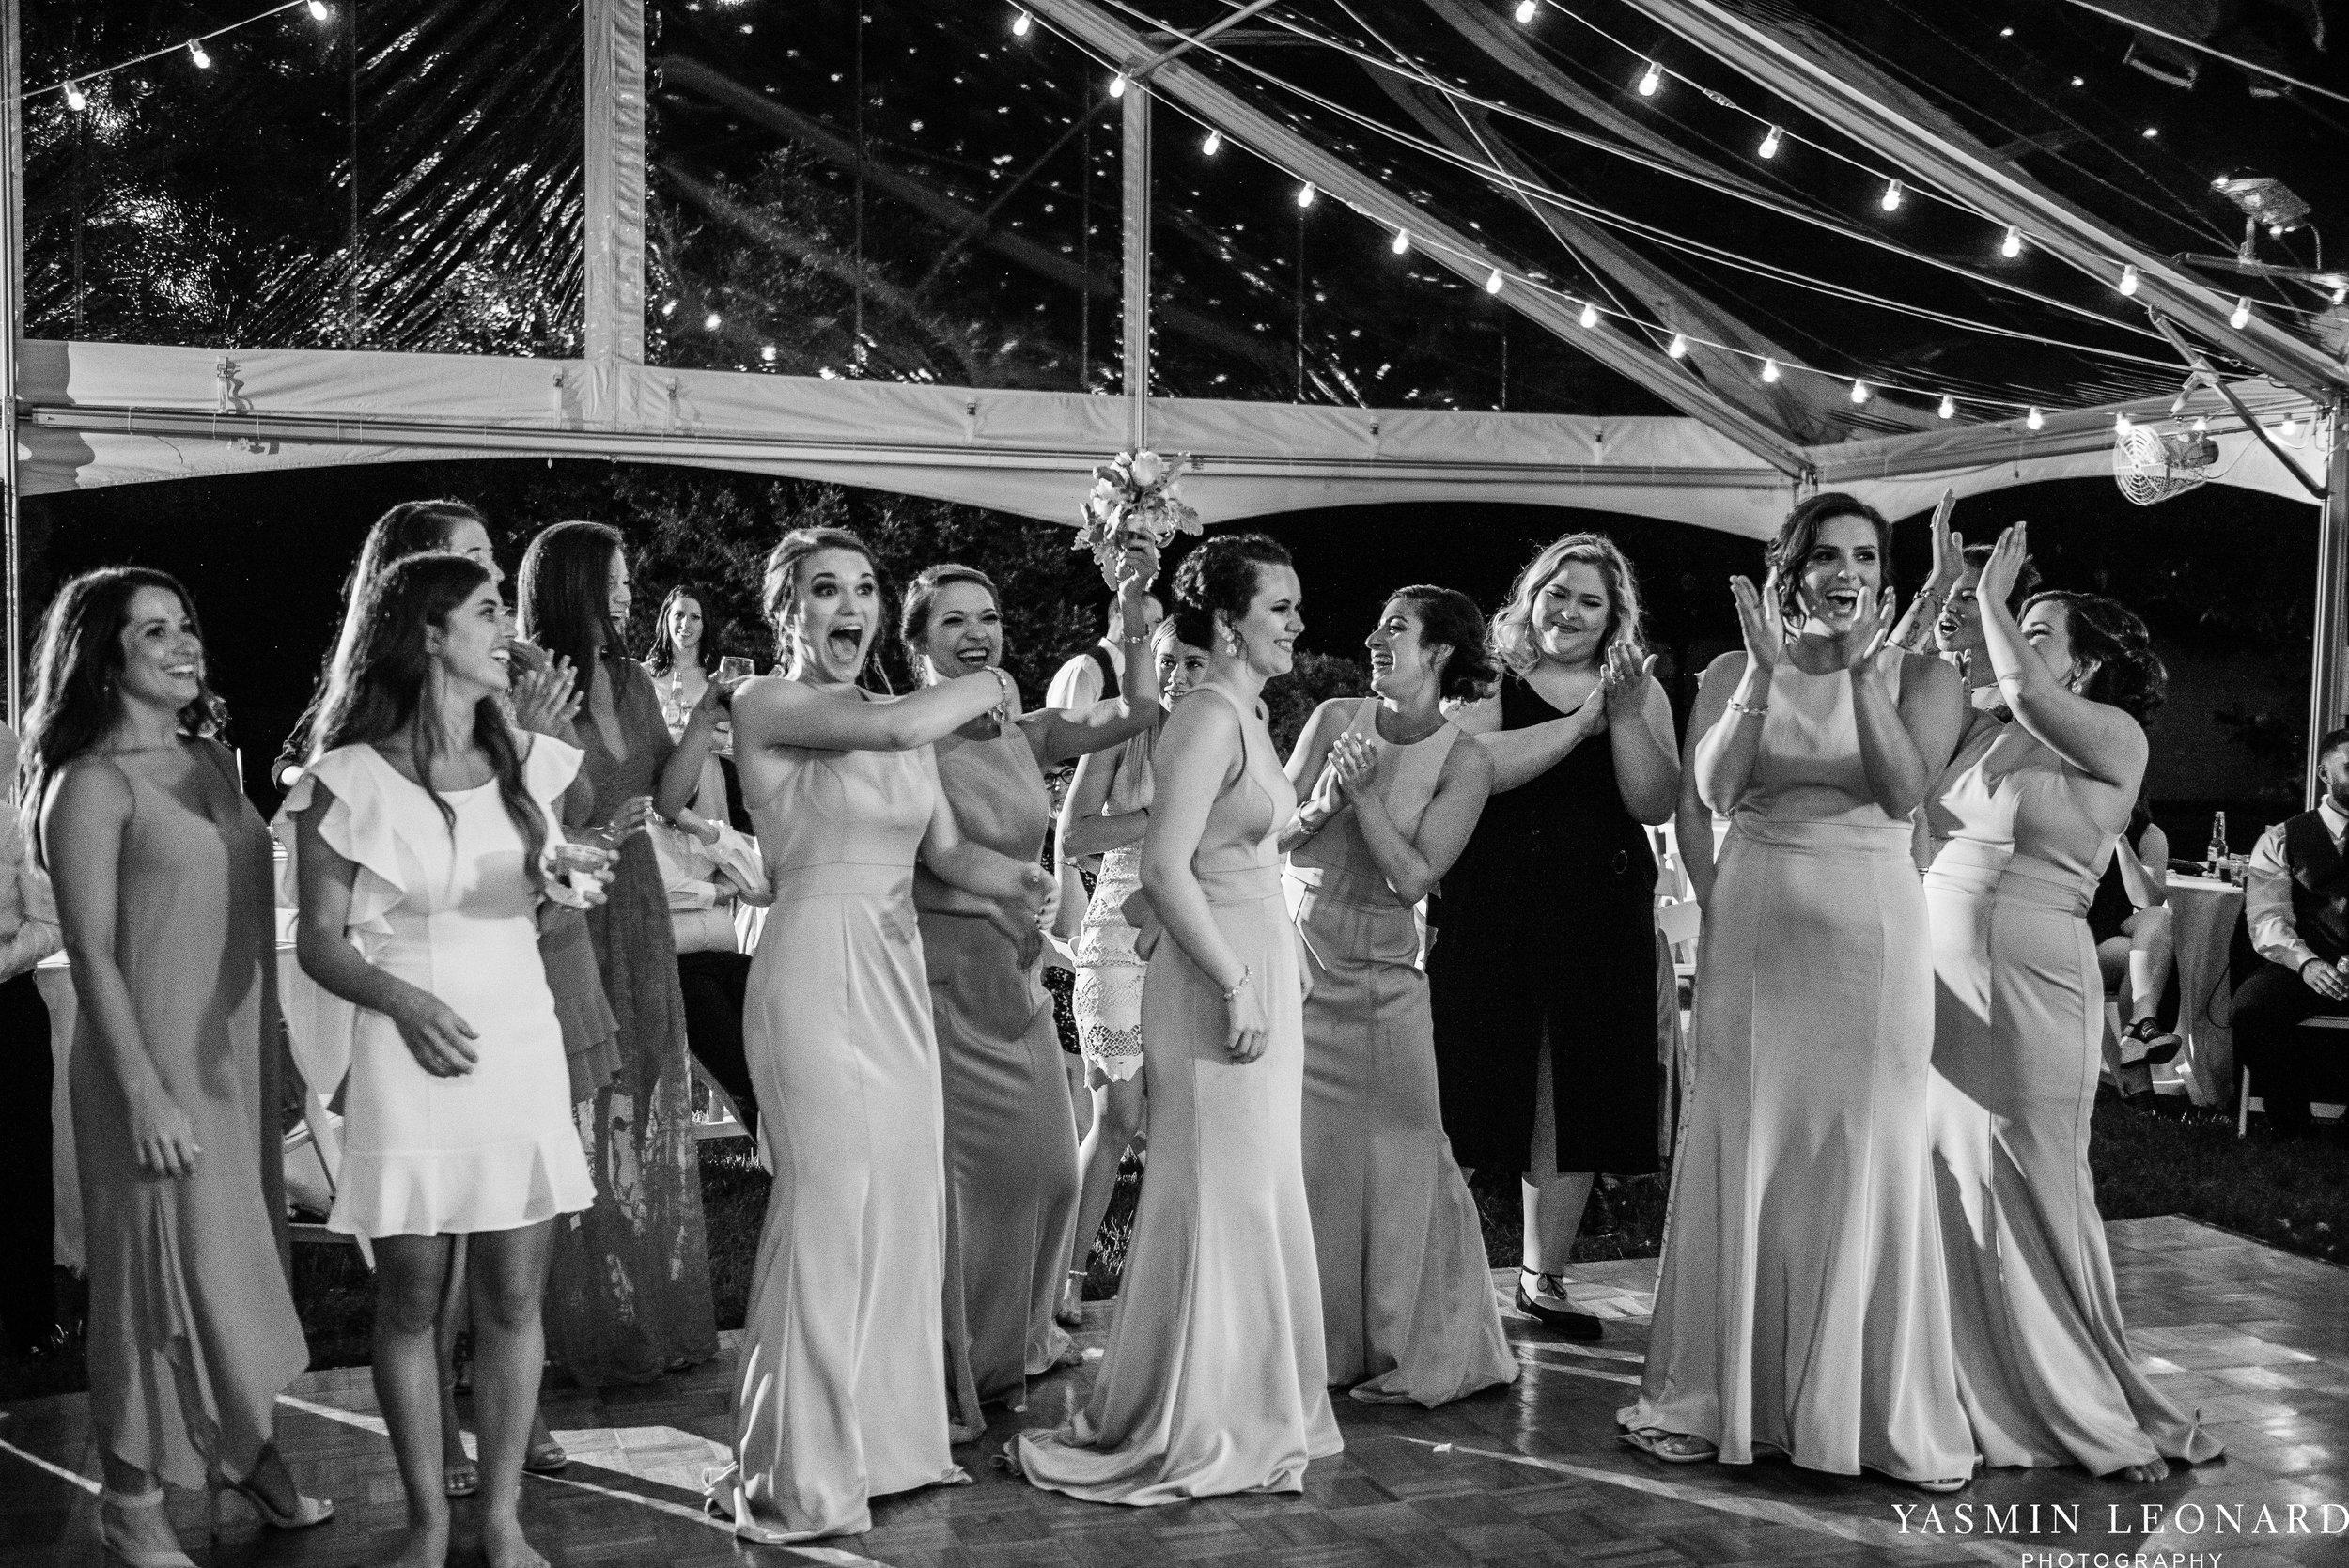 Boxwood Estate - Boxwood Estate Wedding - Luxury Wedding - Black and White Wedding - NC Wedding Venues - NC Weddings - NC Photographer - Lantern Release Grand Exit - Large Wedding Party - Yasmin Leonard Photography-84.jpg